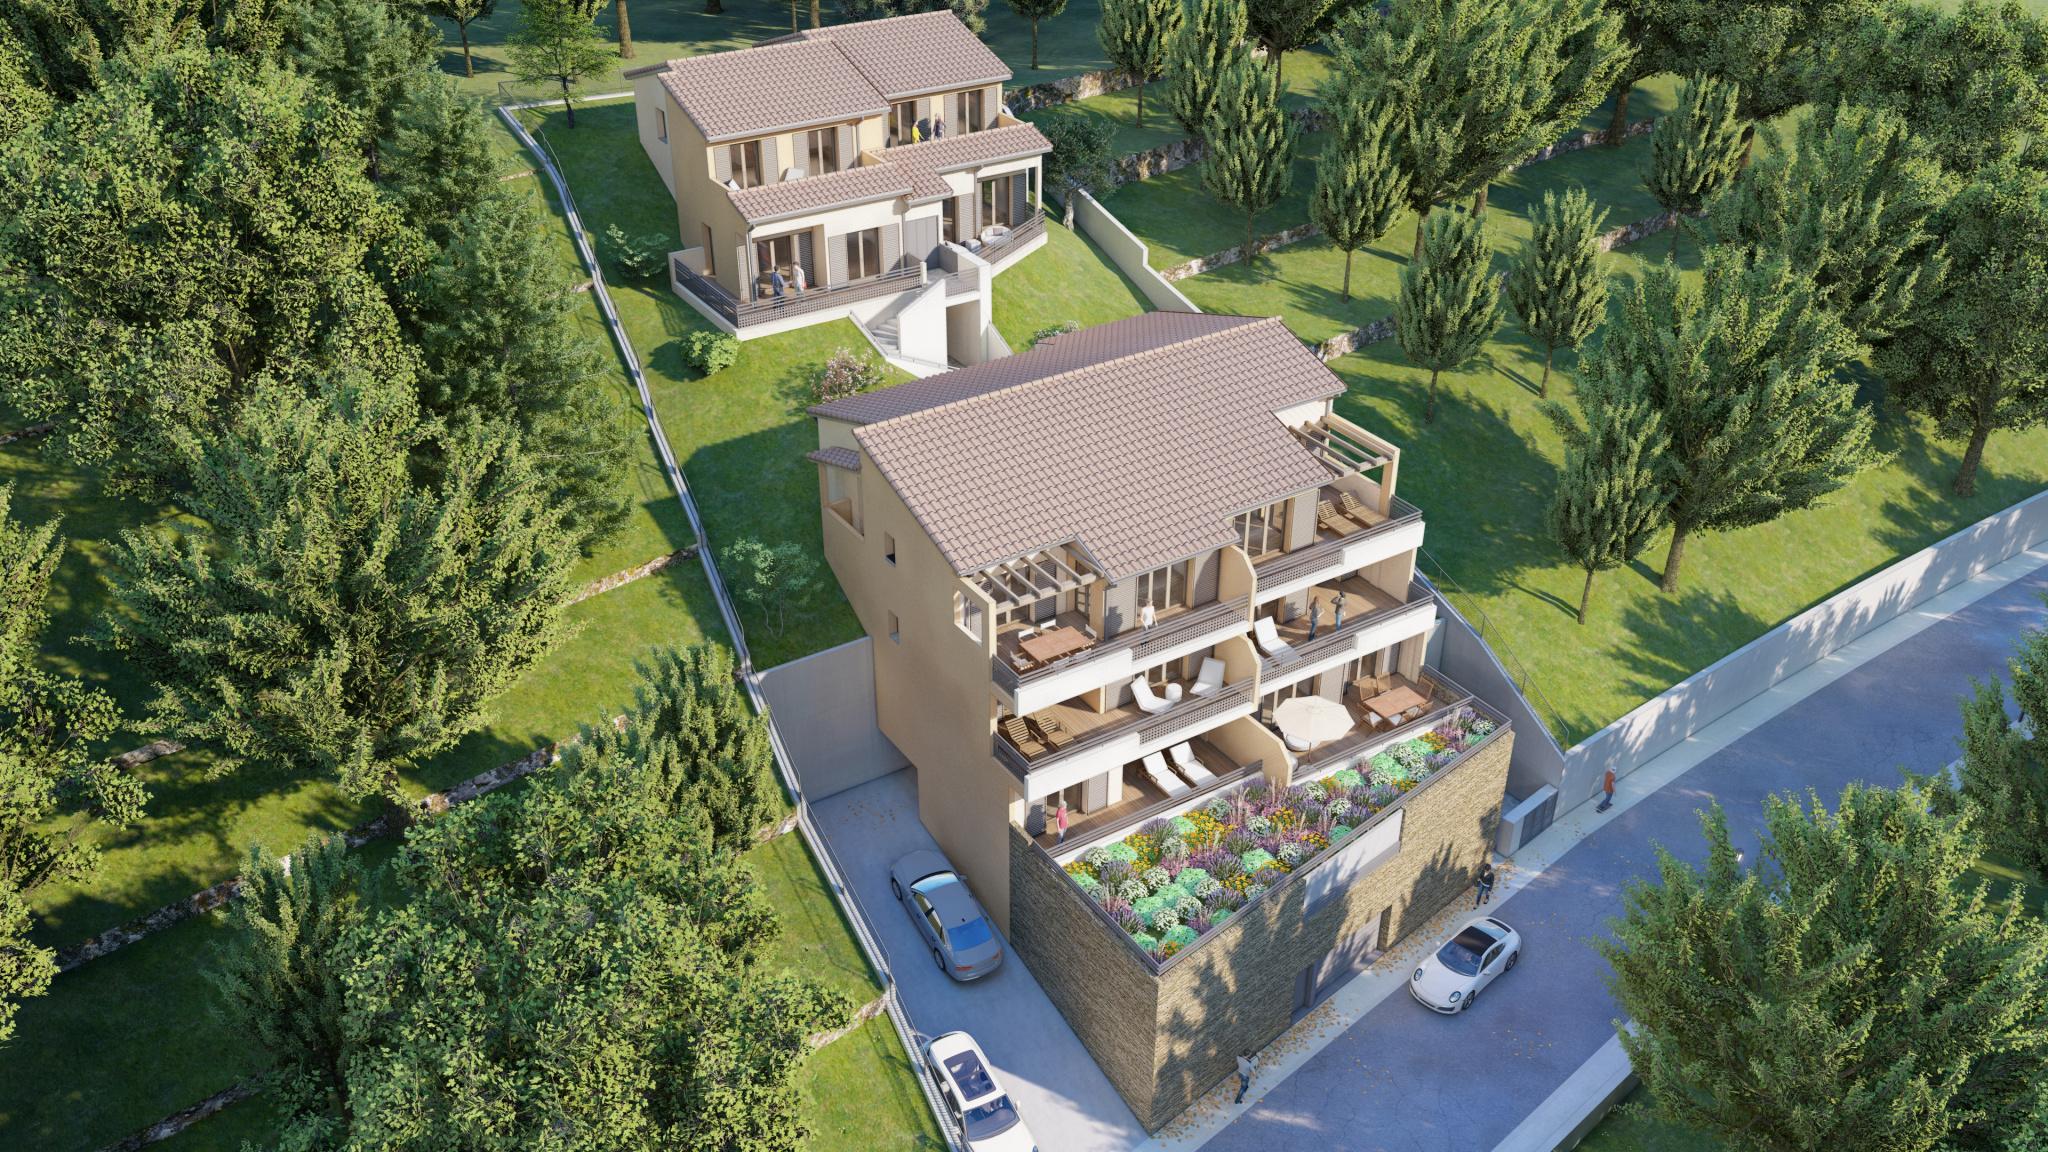 À vendre appartement de 79.3m2 à collioure (66190) - Photo 1'